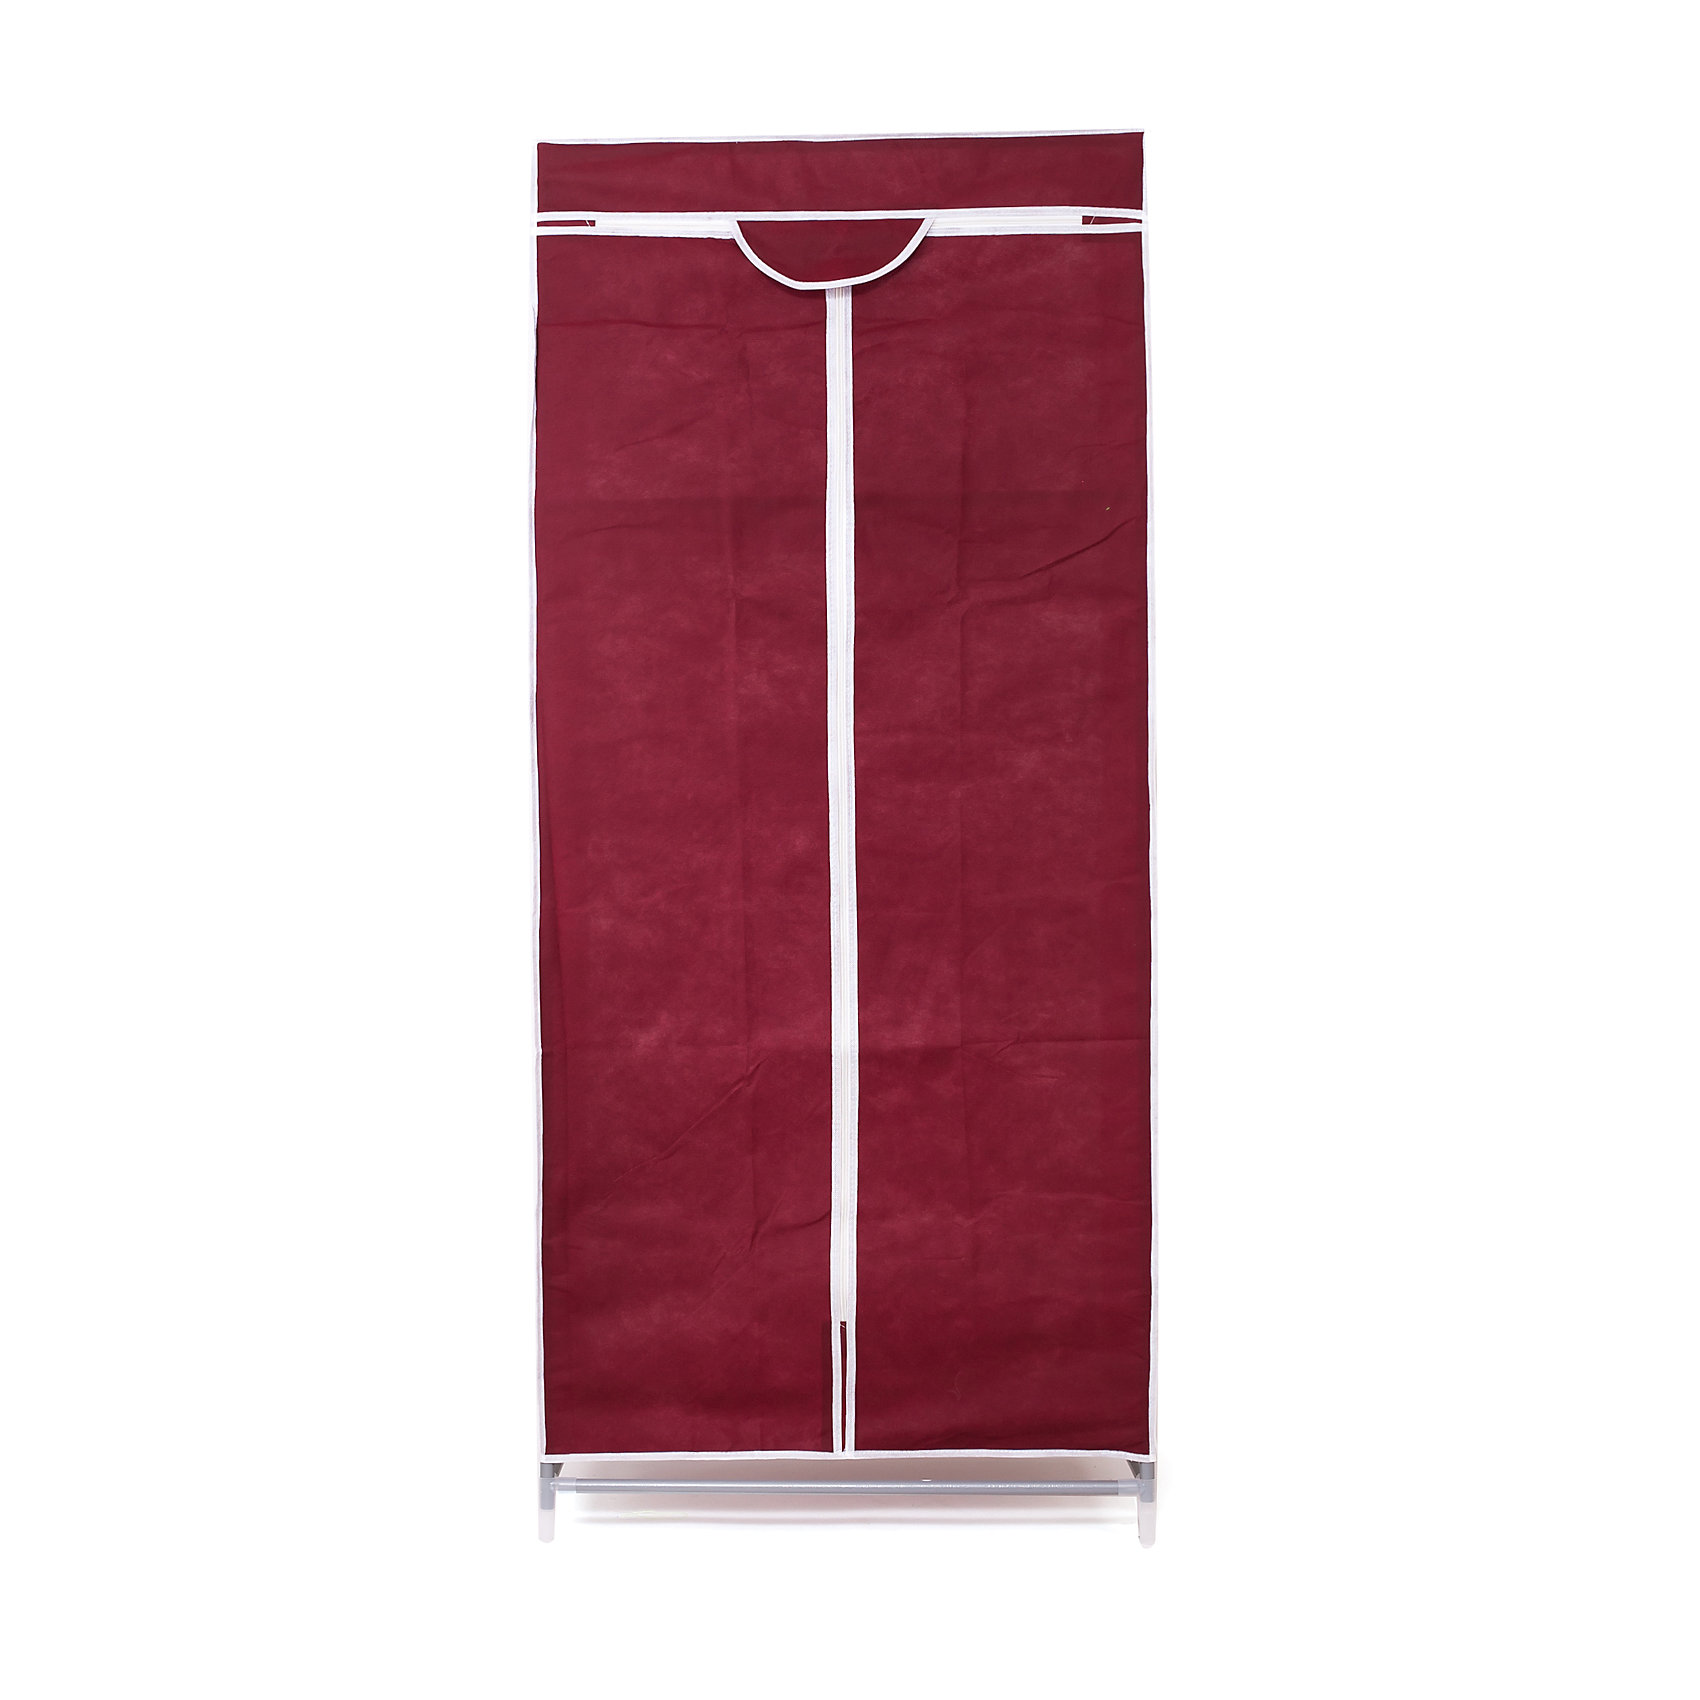 Тканевый шкаф Кармэн, Homsu, бордовыйПорядок в детской<br>Данная модель шкафа идеально походит для организации, как краткосрочного временного, так и постоянного надёжного хранения вашей одежды.<br>Благодаря универсальной конструкции шкафа , который имеет очень удобную полку для складывания одежды 65Х45см и перекладину той же ширины для подвешивания курток, пальто, рубашек, свитеров и других вещей, вы сможете навести порядок в прихожей буквально за пару часов. Помимо этого поверхность шкафа выполнена из водонепроницаемого материала, который защитит вашу одежду от пыли и внешнего воздействия.<br><br>Ширина мм: 650<br>Глубина мм: 260<br>Высота мм: 70<br>Вес г: 3000<br>Возраст от месяцев: 216<br>Возраст до месяцев: 1188<br>Пол: Унисекс<br>Возраст: Детский<br>SKU: 5620246